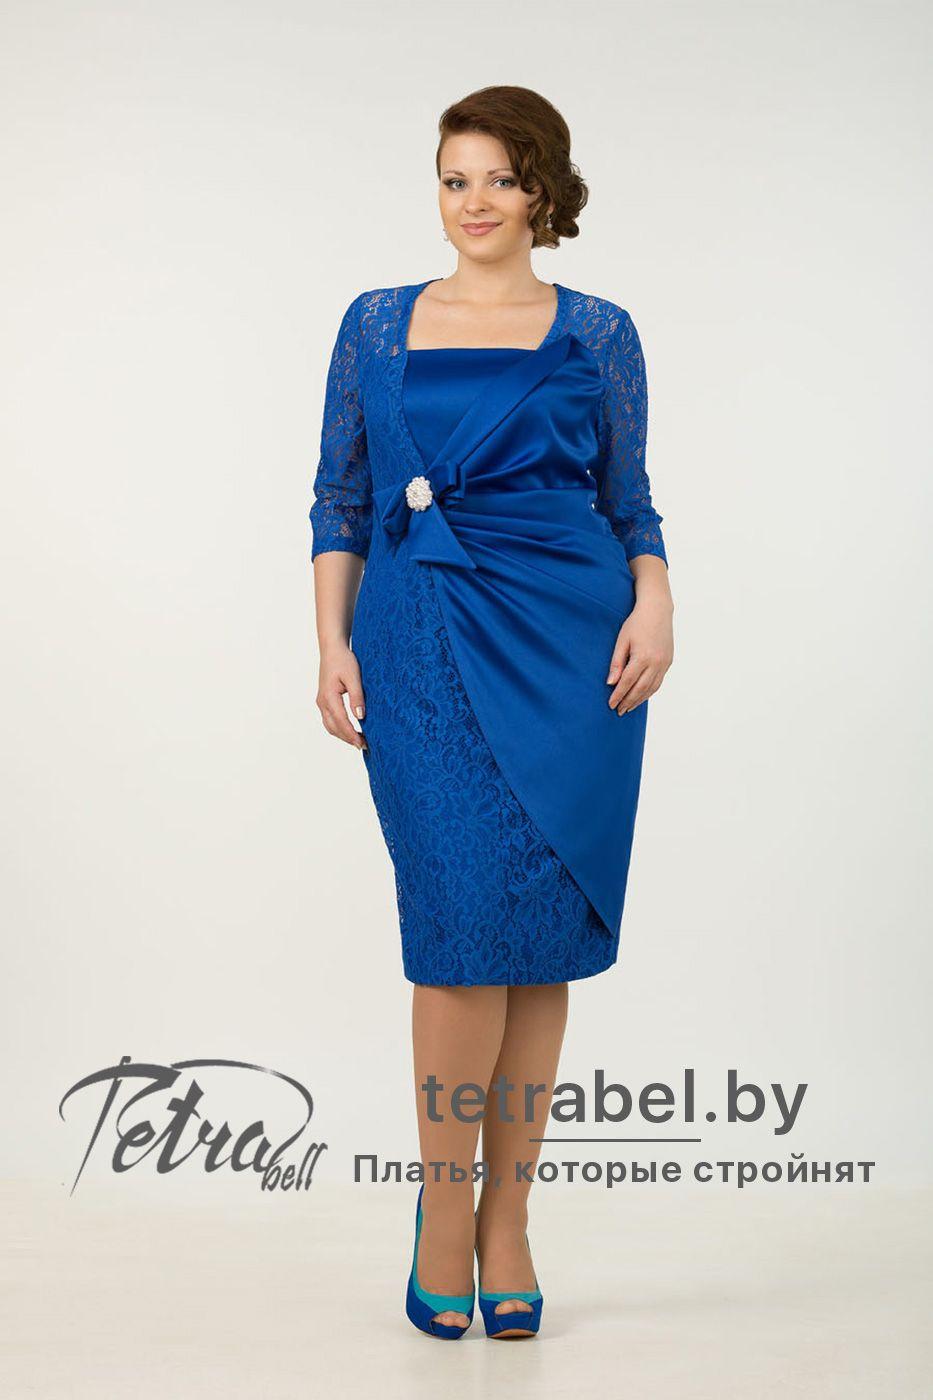 9e9e9ca0d26 Очень красивое вечернее платье больших размеров. Вечерние платья больших  размеров от tetrabel.by.